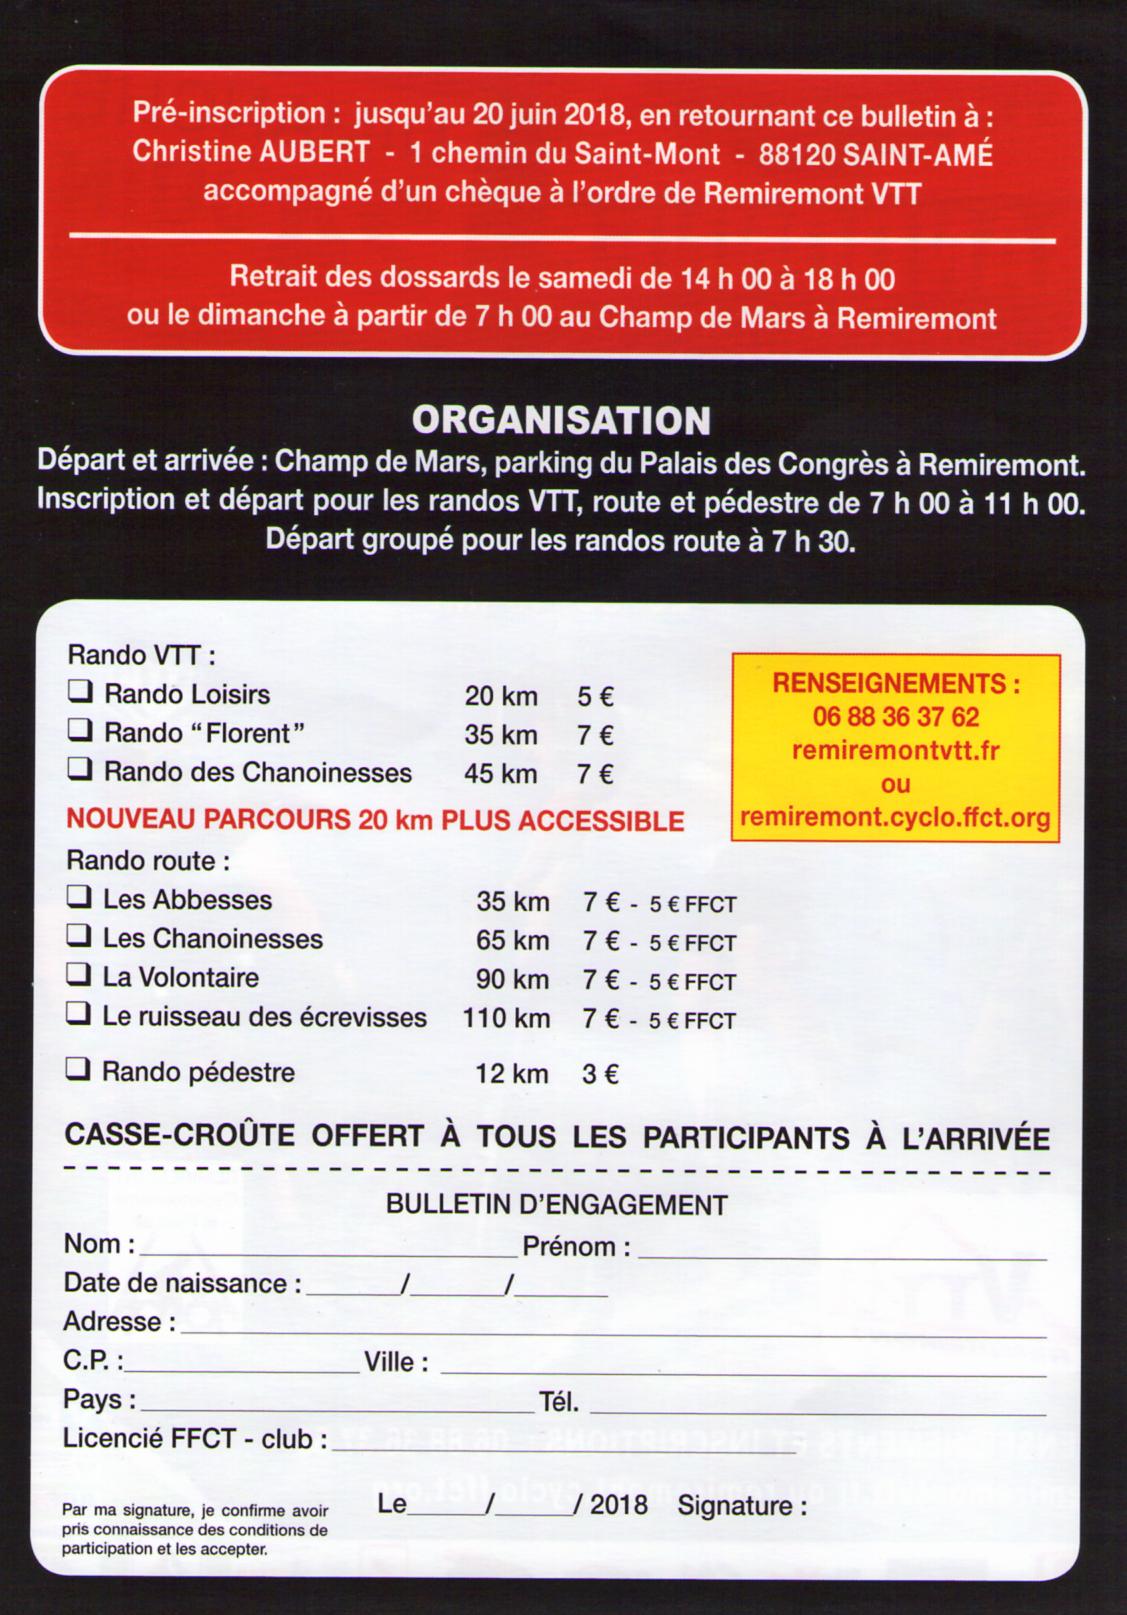 02 Organisation